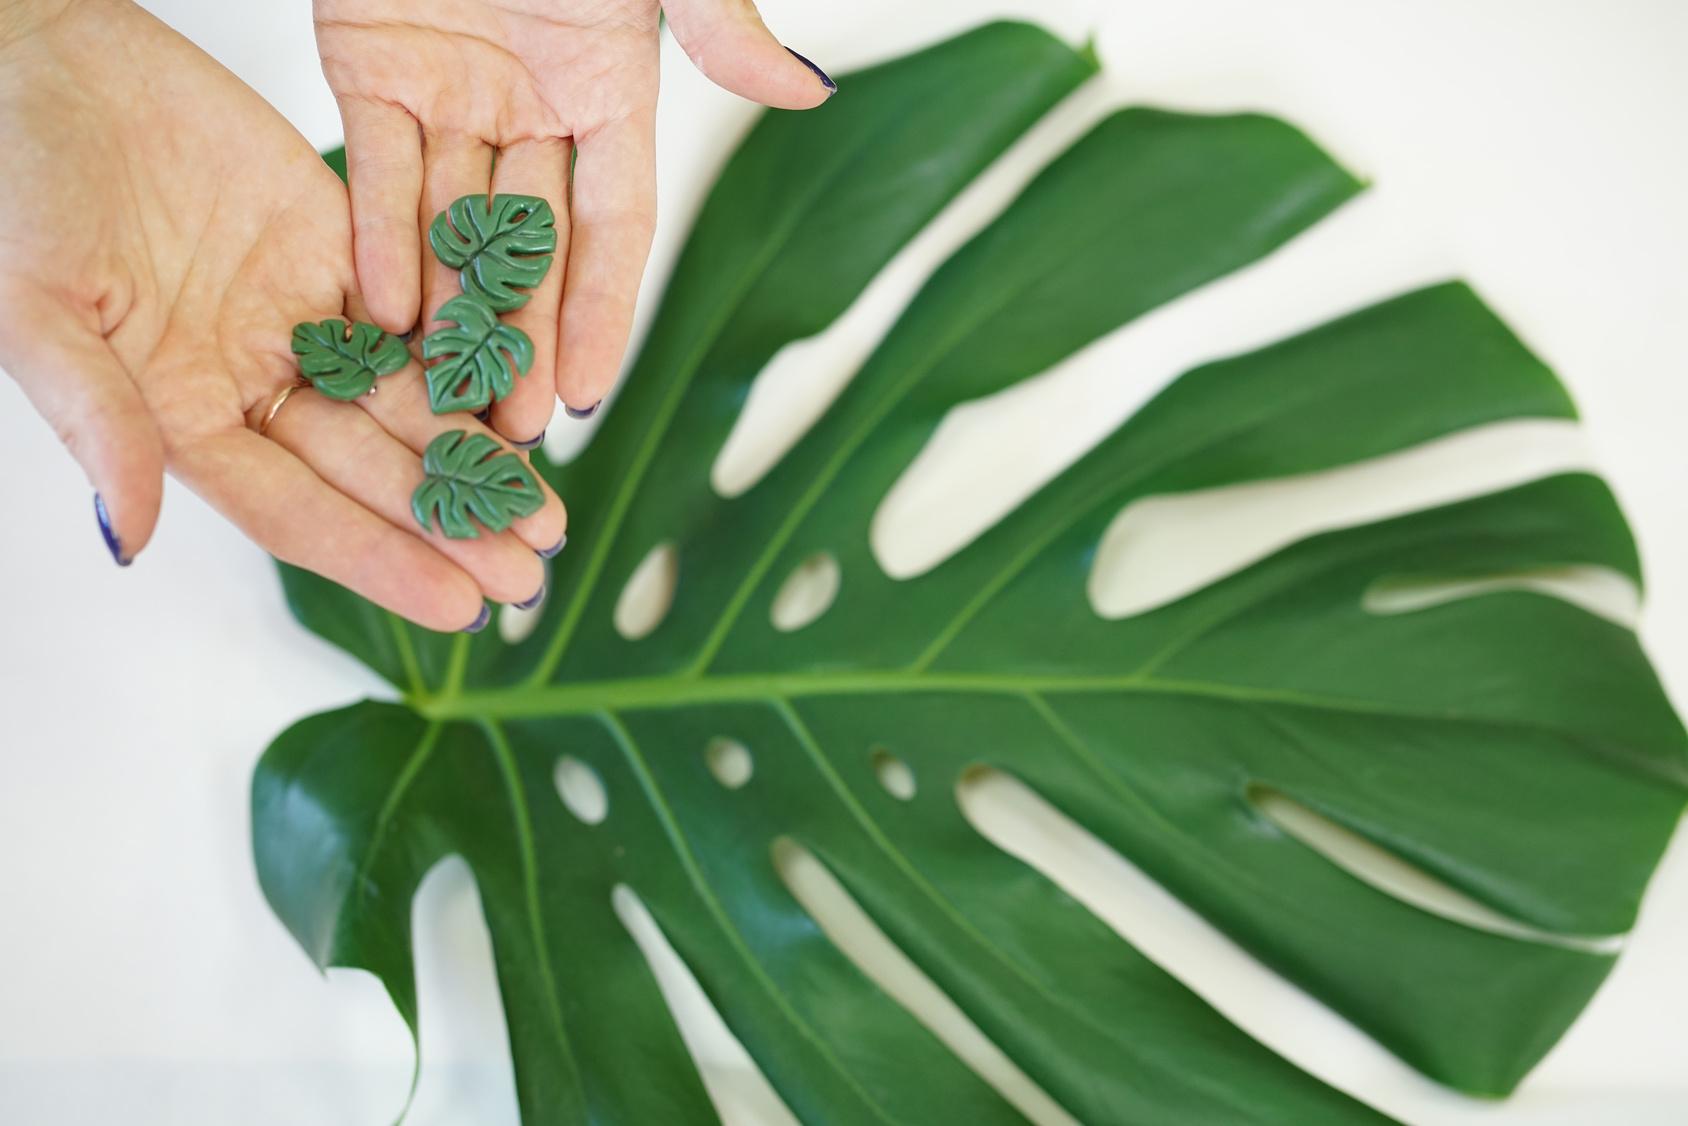 Biżuteria z elementami roślinnymi – kształty, inspiracje oraz naturalne materiały